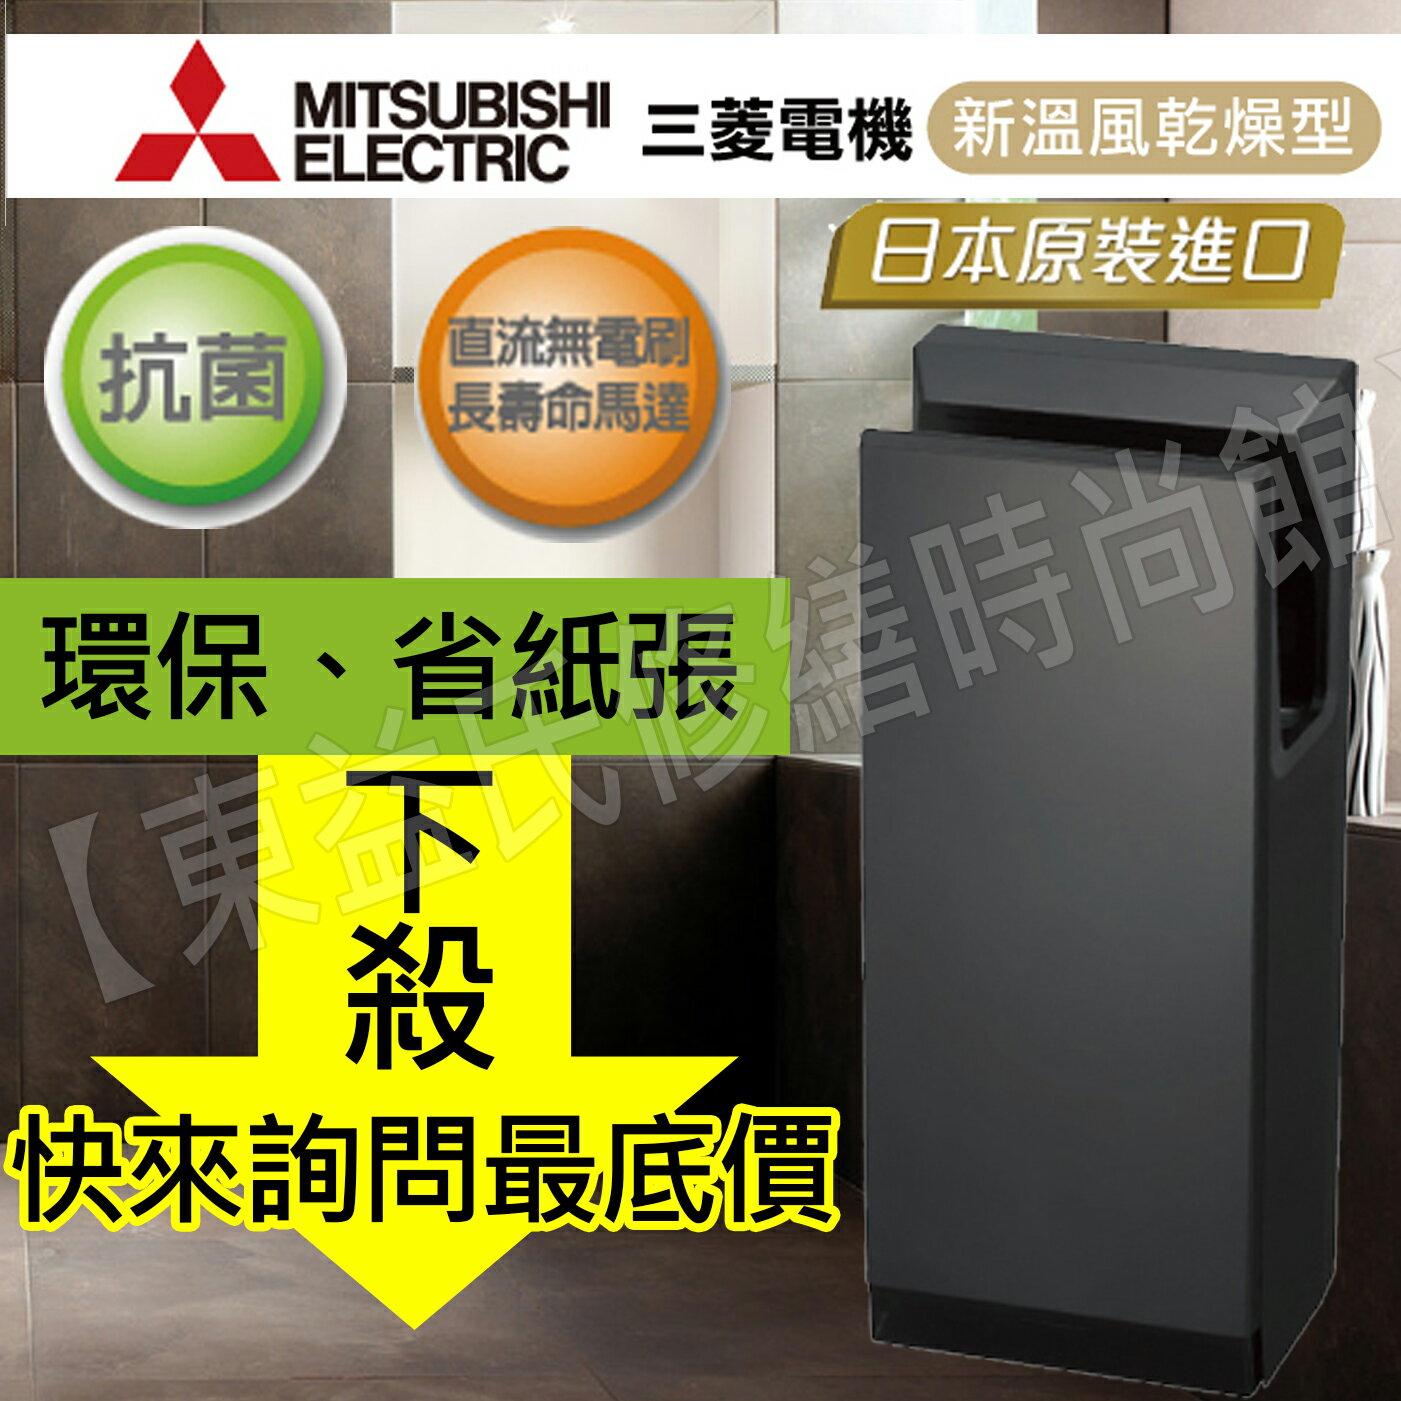 JT-SB116JH-H 新溫風噴射乾手機/烘手機 三菱 節省紙張 另售220V【東益氏】另售 衛浴配件 飲水機